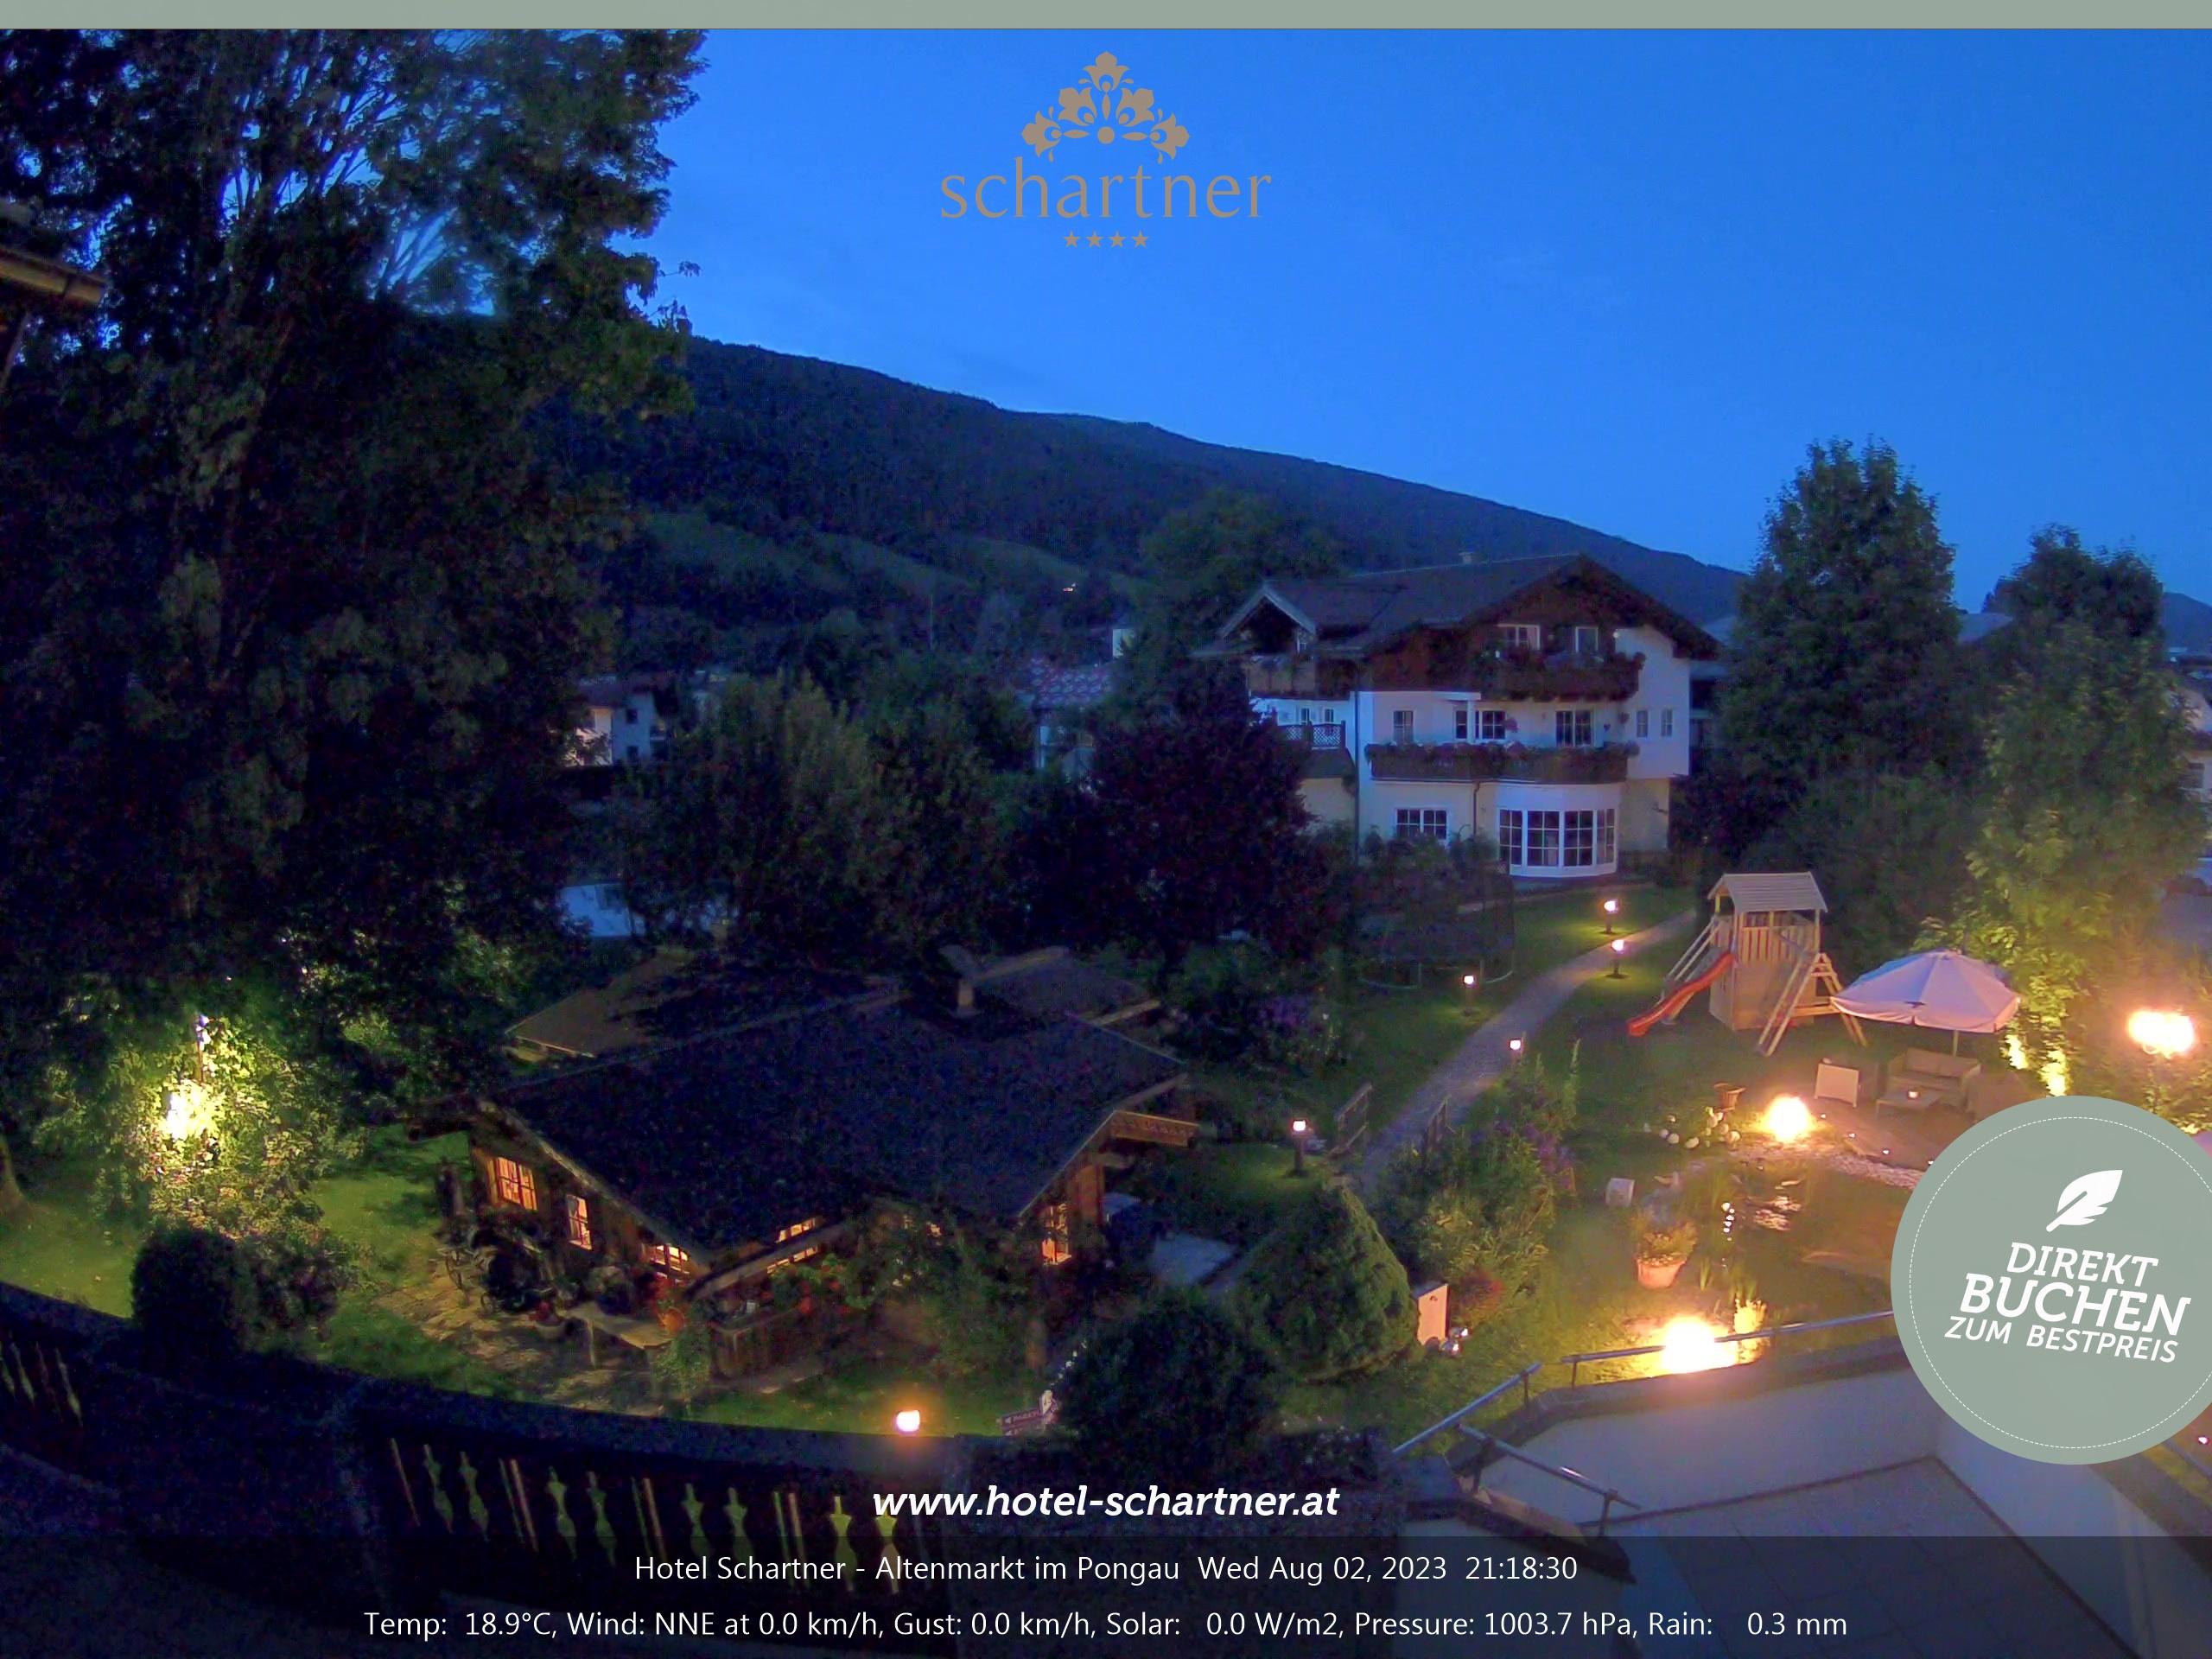 WEBkamera Altenmarkt im Pongau - hotel Schartner